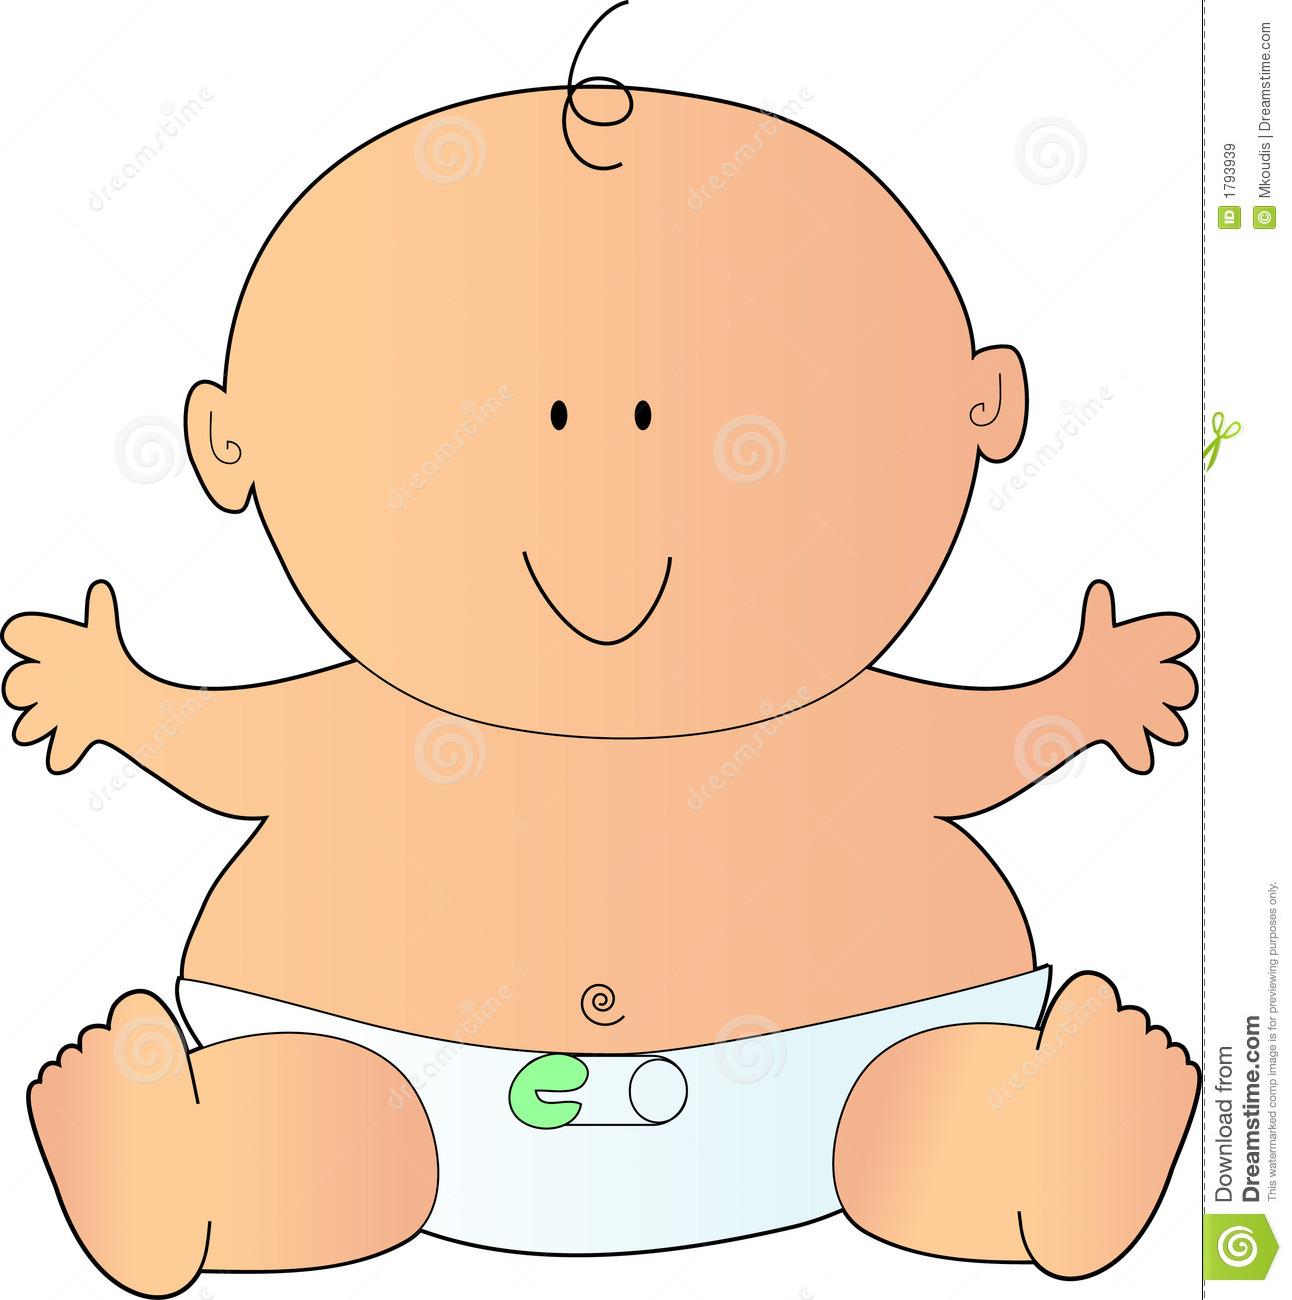 Cute Newborn Baby Clip Art. Newborn Baby-Cute Newborn Baby Clip Art. Newborn Baby Royalty Free .-9